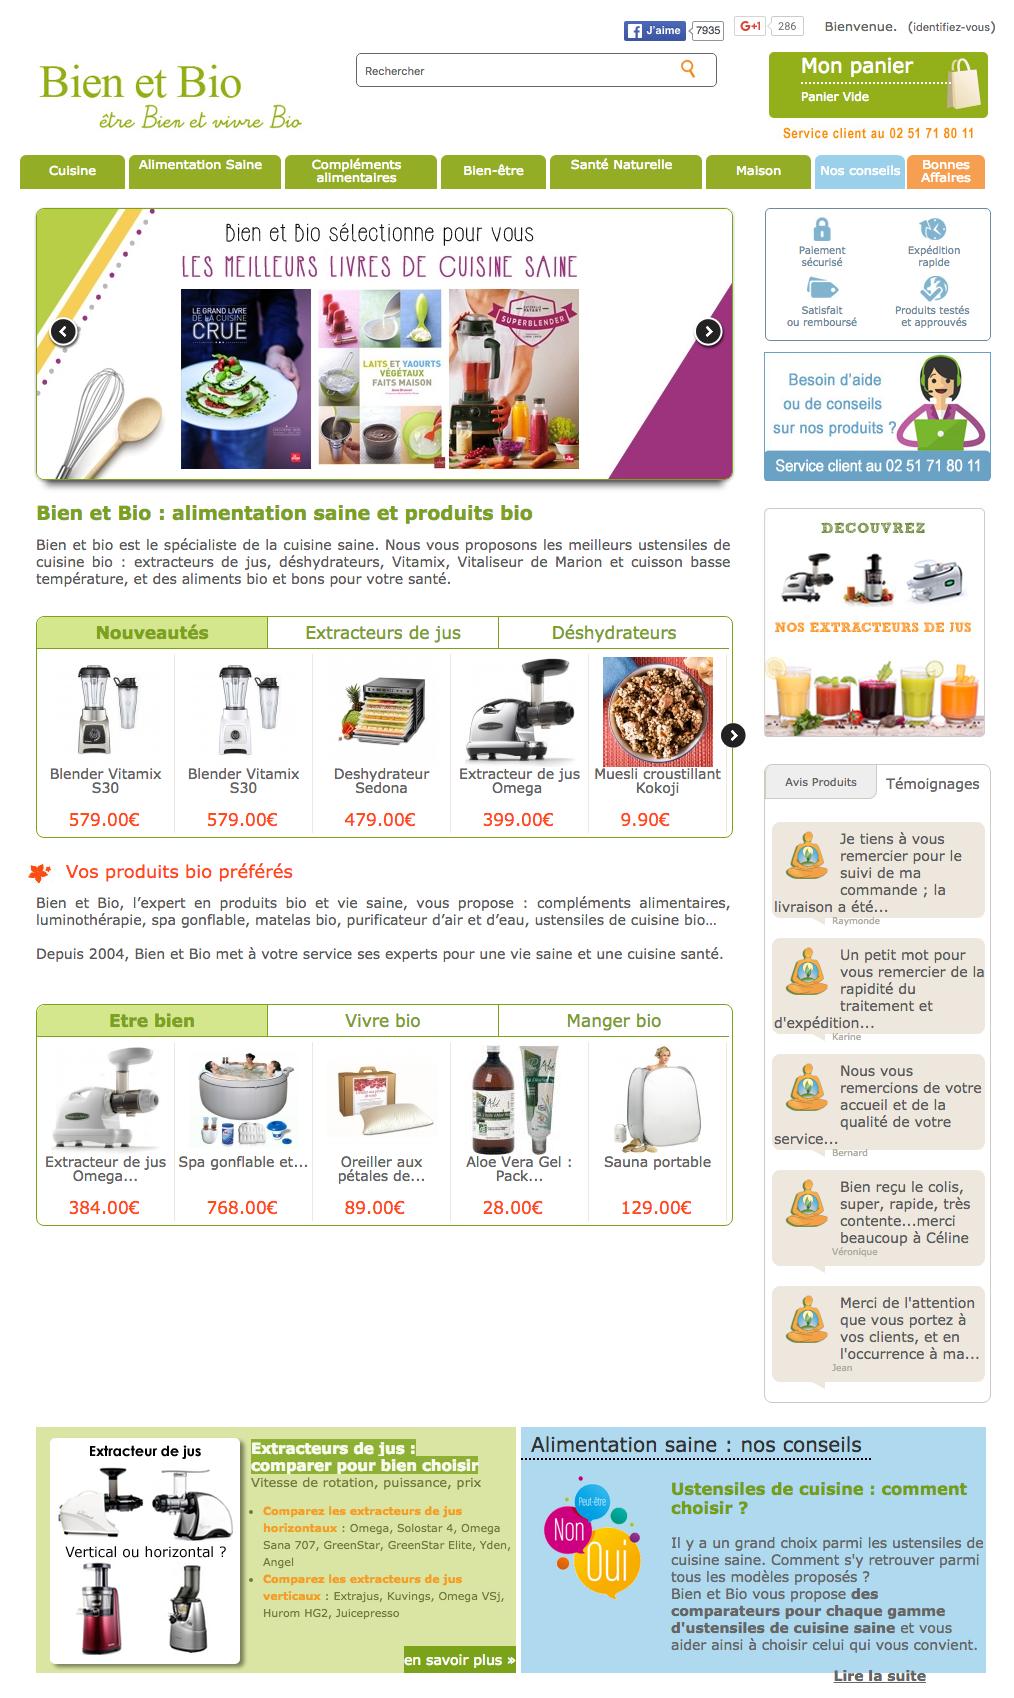 a340390cb46 Bien et Bio produit Bio - Découvrez la boutique Bien et Bio. Plus de 200  produits bio (cosmétiques bio